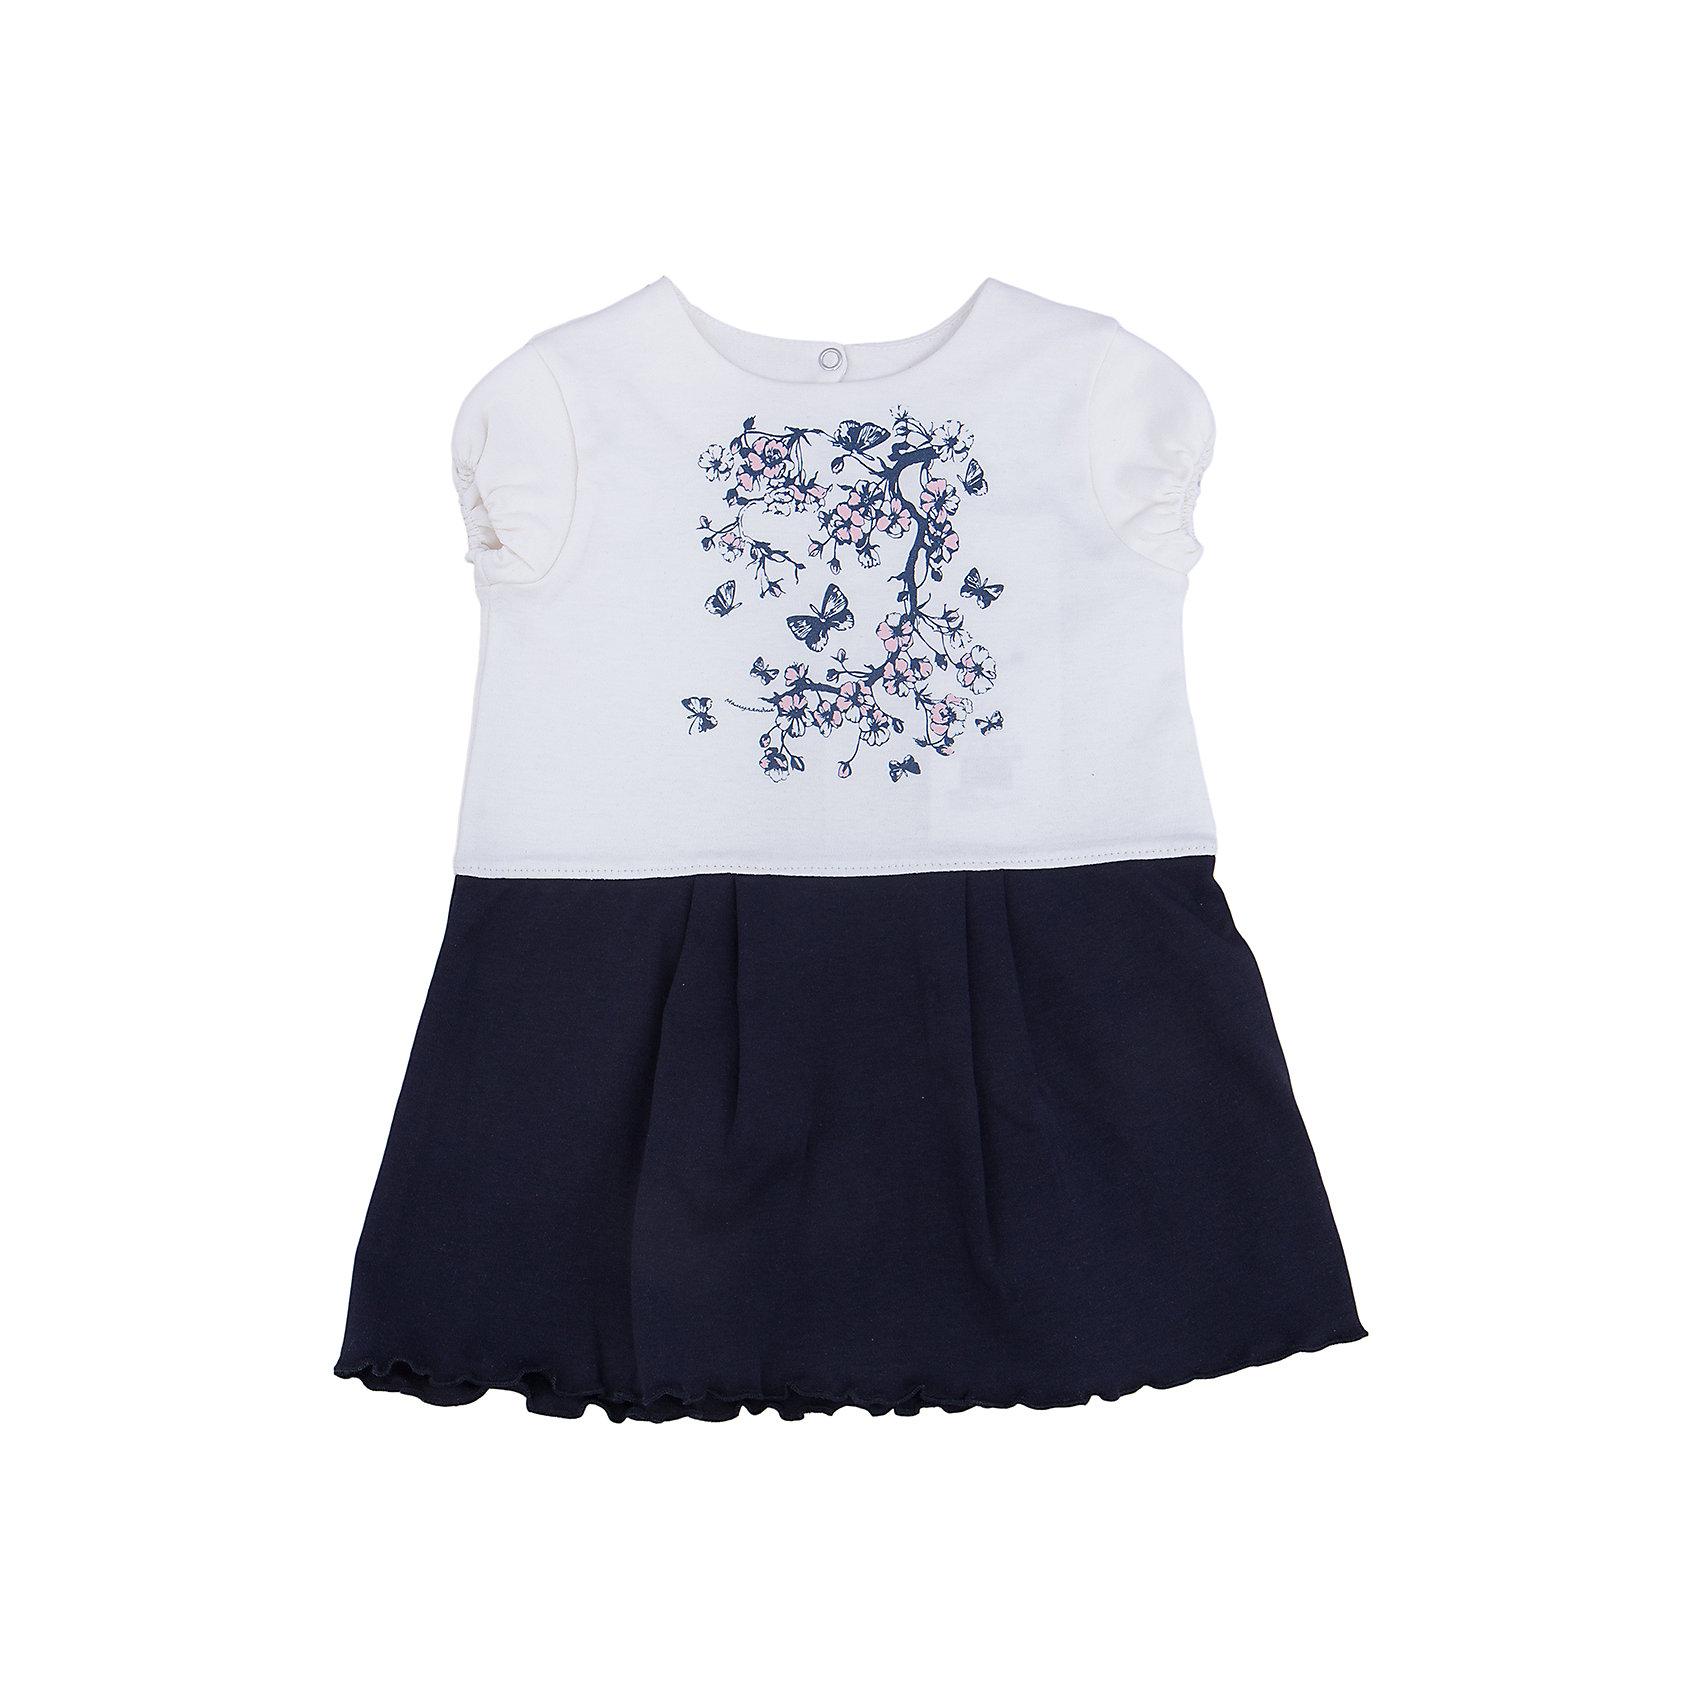 Платье для девочки МамуляндияПлатья<br>Платье с короткими рукавами из трикотажноготна высшего качества (интерлок пенье). Украшен гипоаллергенным принтом на водной основе, удобное расположение кнопок для переодевания малыша.<br>Состав 100% хлопок. <br>Рекомендации по уходу: стирать при 40 С, гладить при средней температуре, носить с удовольствием.  100% хлопок<br><br>Ширина мм: 157<br>Глубина мм: 13<br>Высота мм: 119<br>Вес г: 200<br>Цвет: разноцветный<br>Возраст от месяцев: 18<br>Возраст до месяцев: 24<br>Пол: Женский<br>Возраст: Детский<br>Размер: 92,68,74,80,86<br>SKU: 4735674